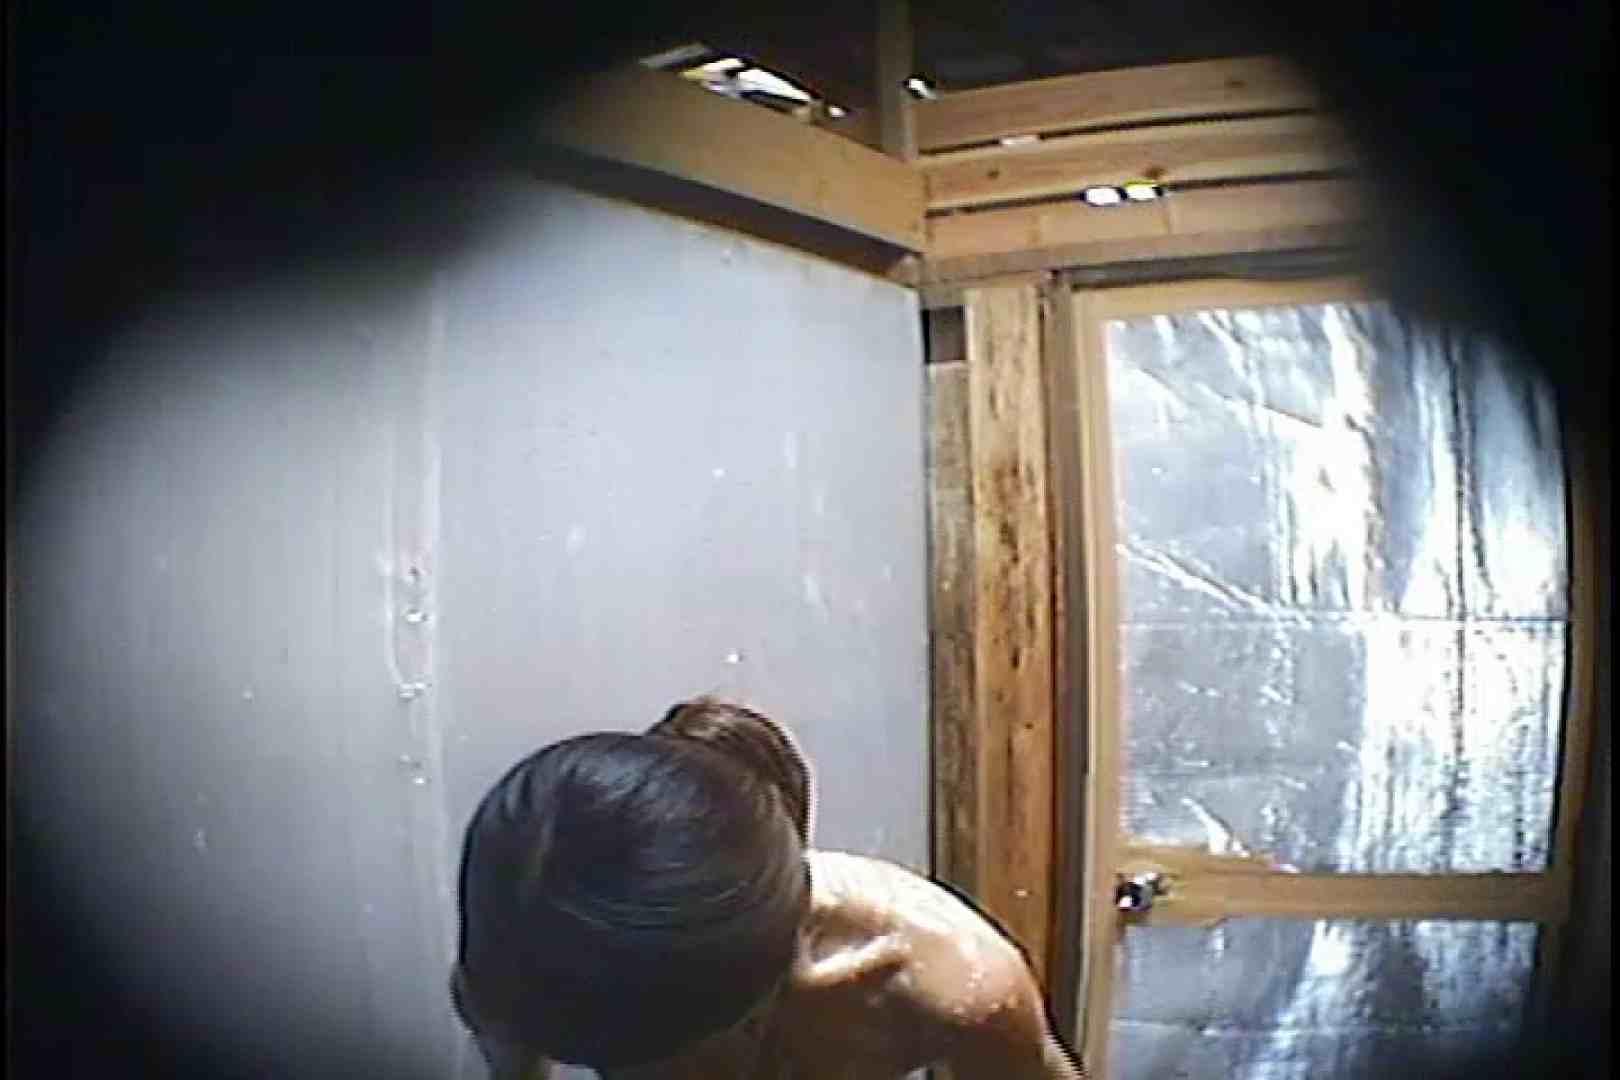 海の家の更衣室 Vol.45 シャワー中 | 美女達のヌード  64連発 56